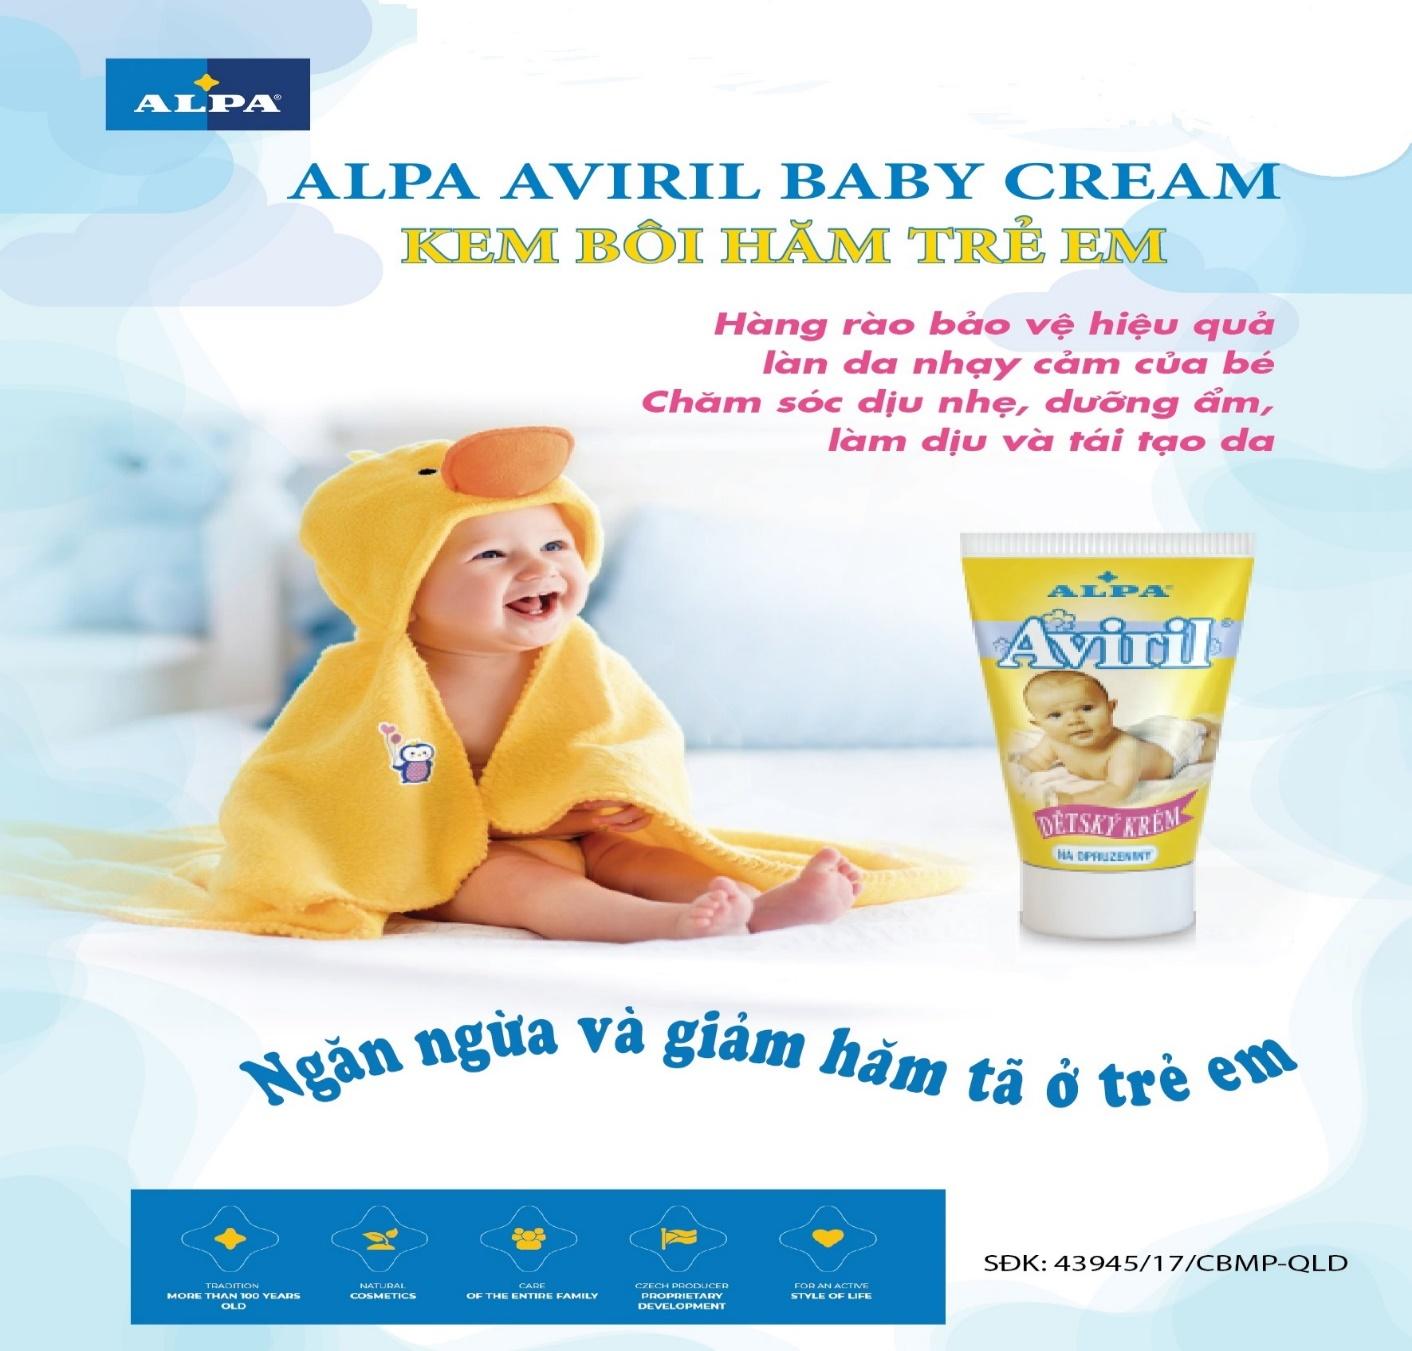 Aviril – biện pháp bảo vệ da hiệu quả nhiều mẹ tin dung